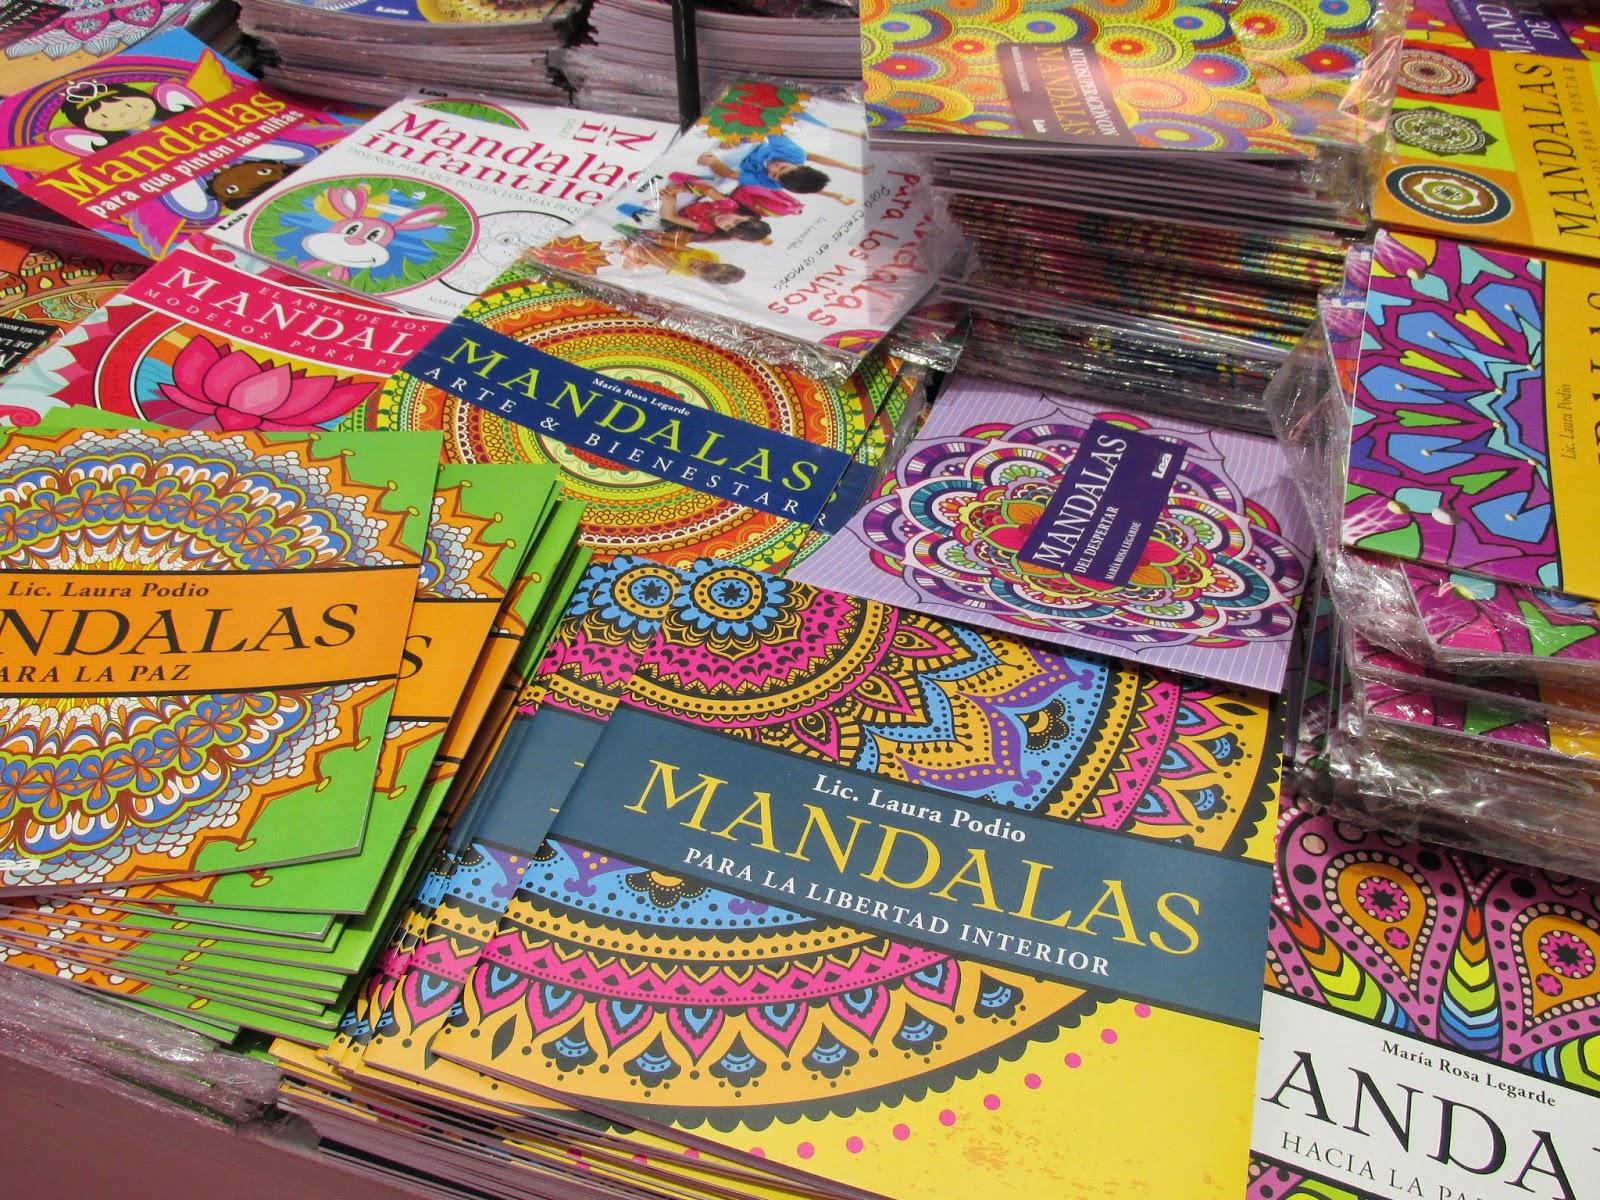 Libros para colorear: ¿moda o práctica milenaria?